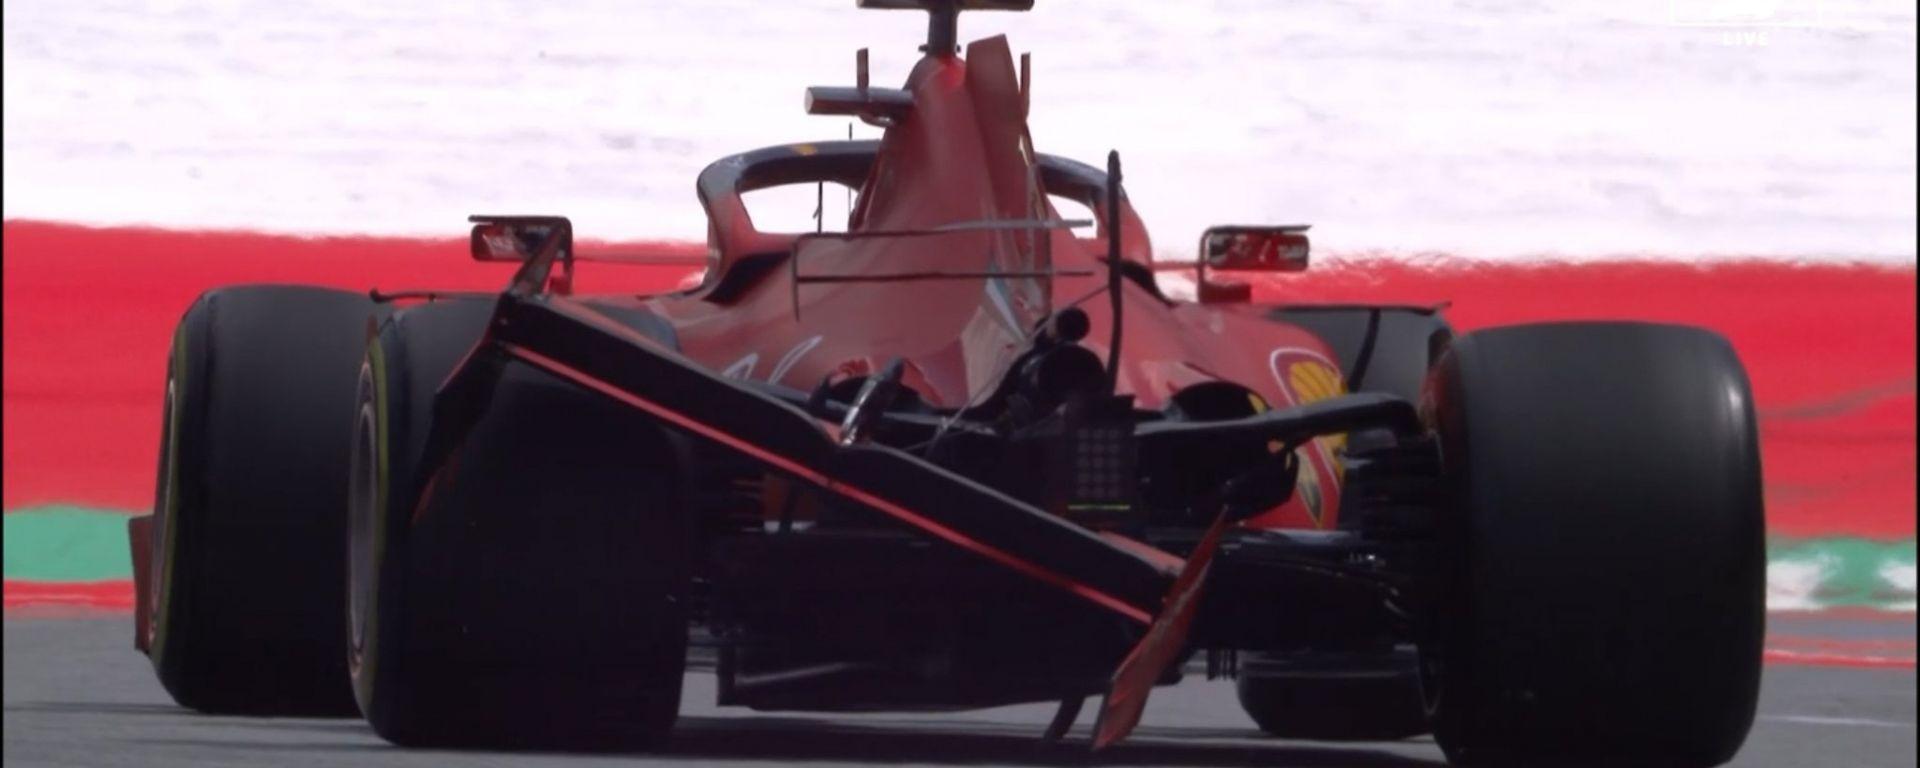 F1, GP Stiria 2020: la Ferrari di Sebastian Vettel danneggiata dallo scontro con Charles Leclerc